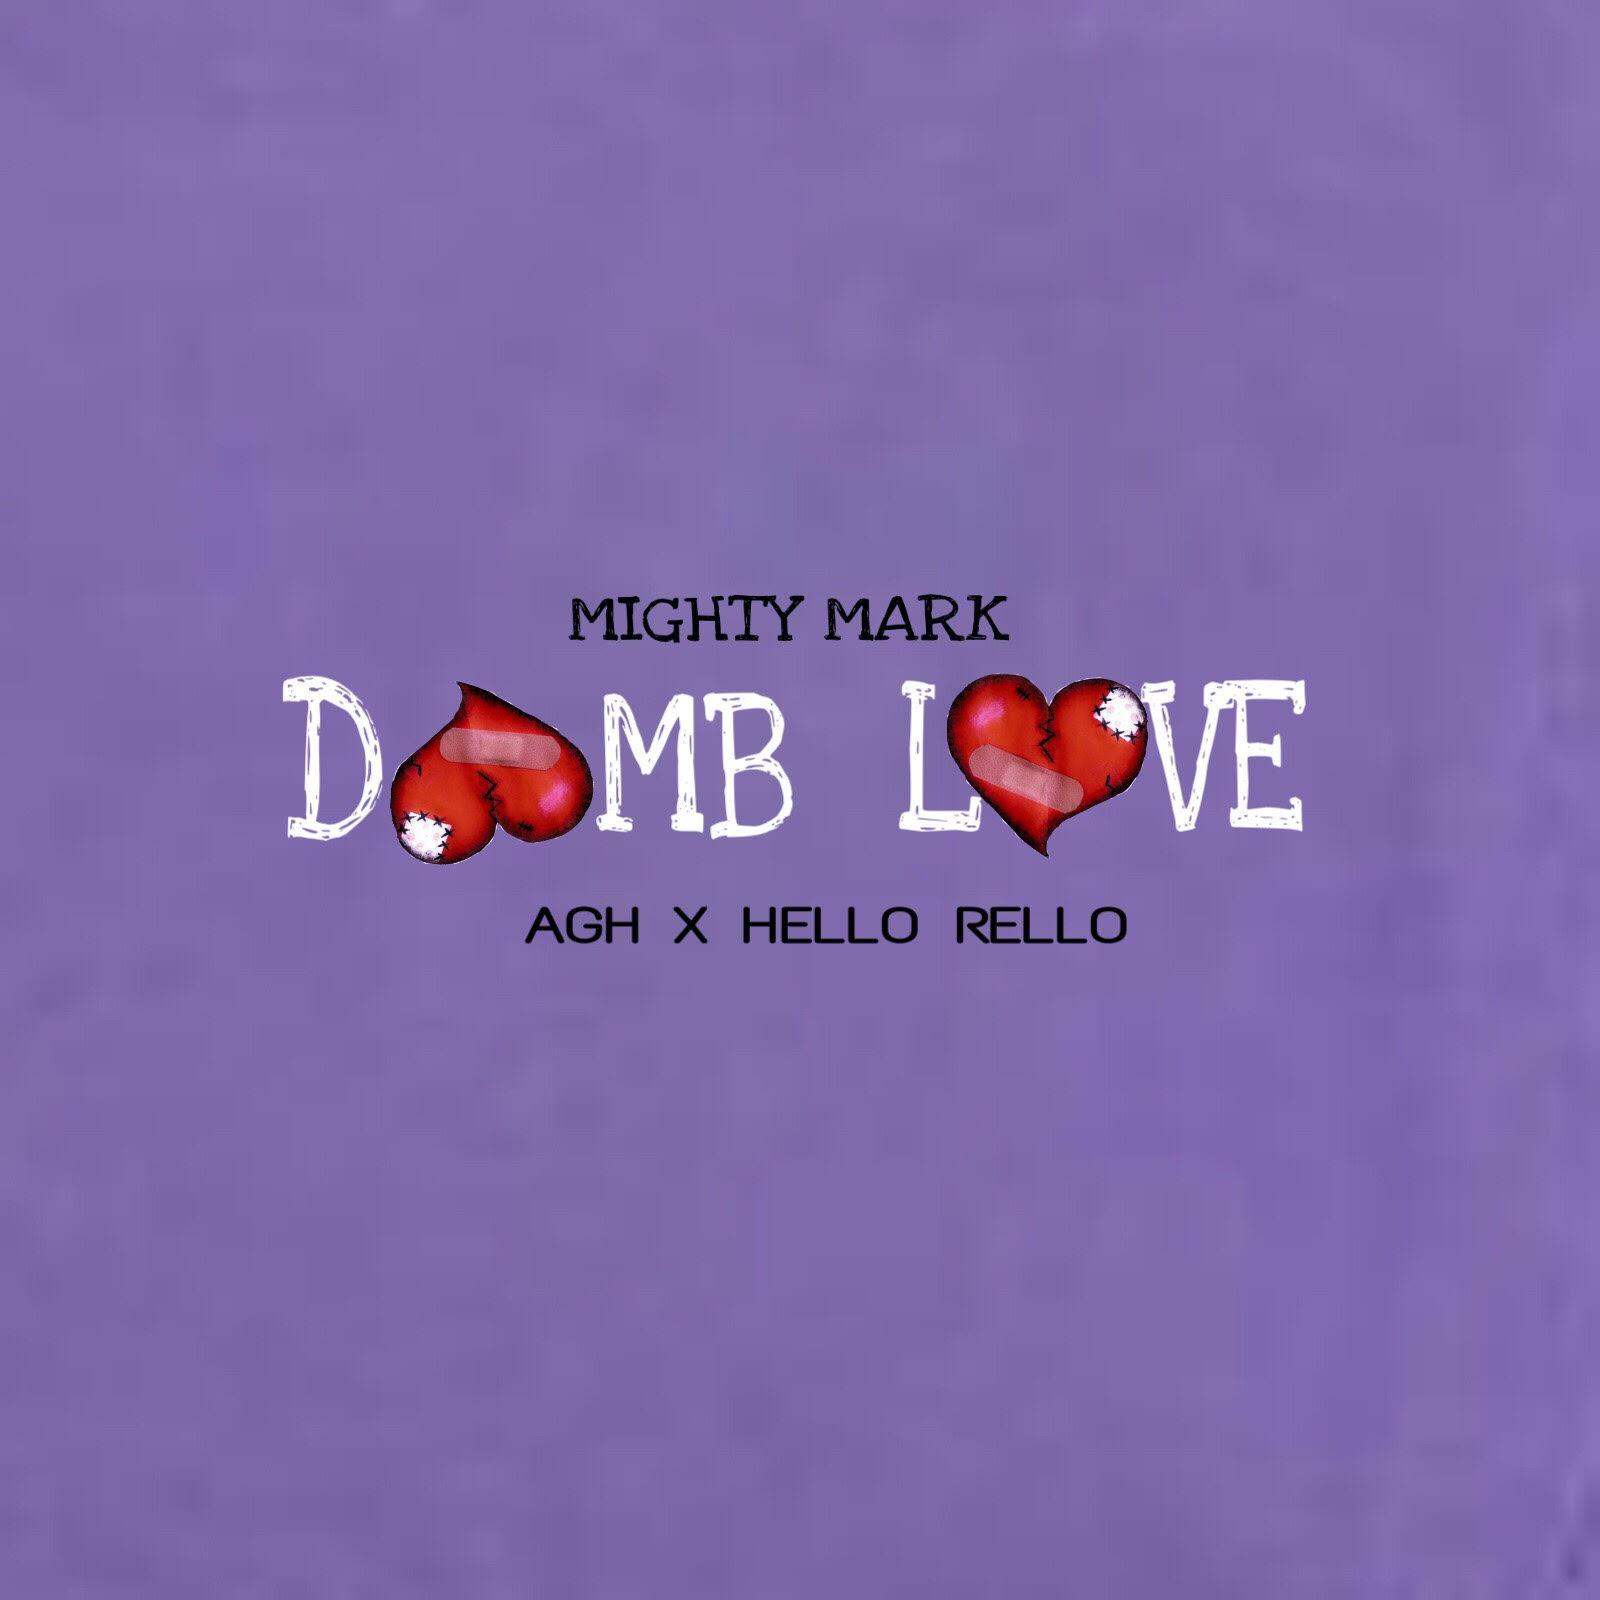 Dumb Love Album Artwork.jpg